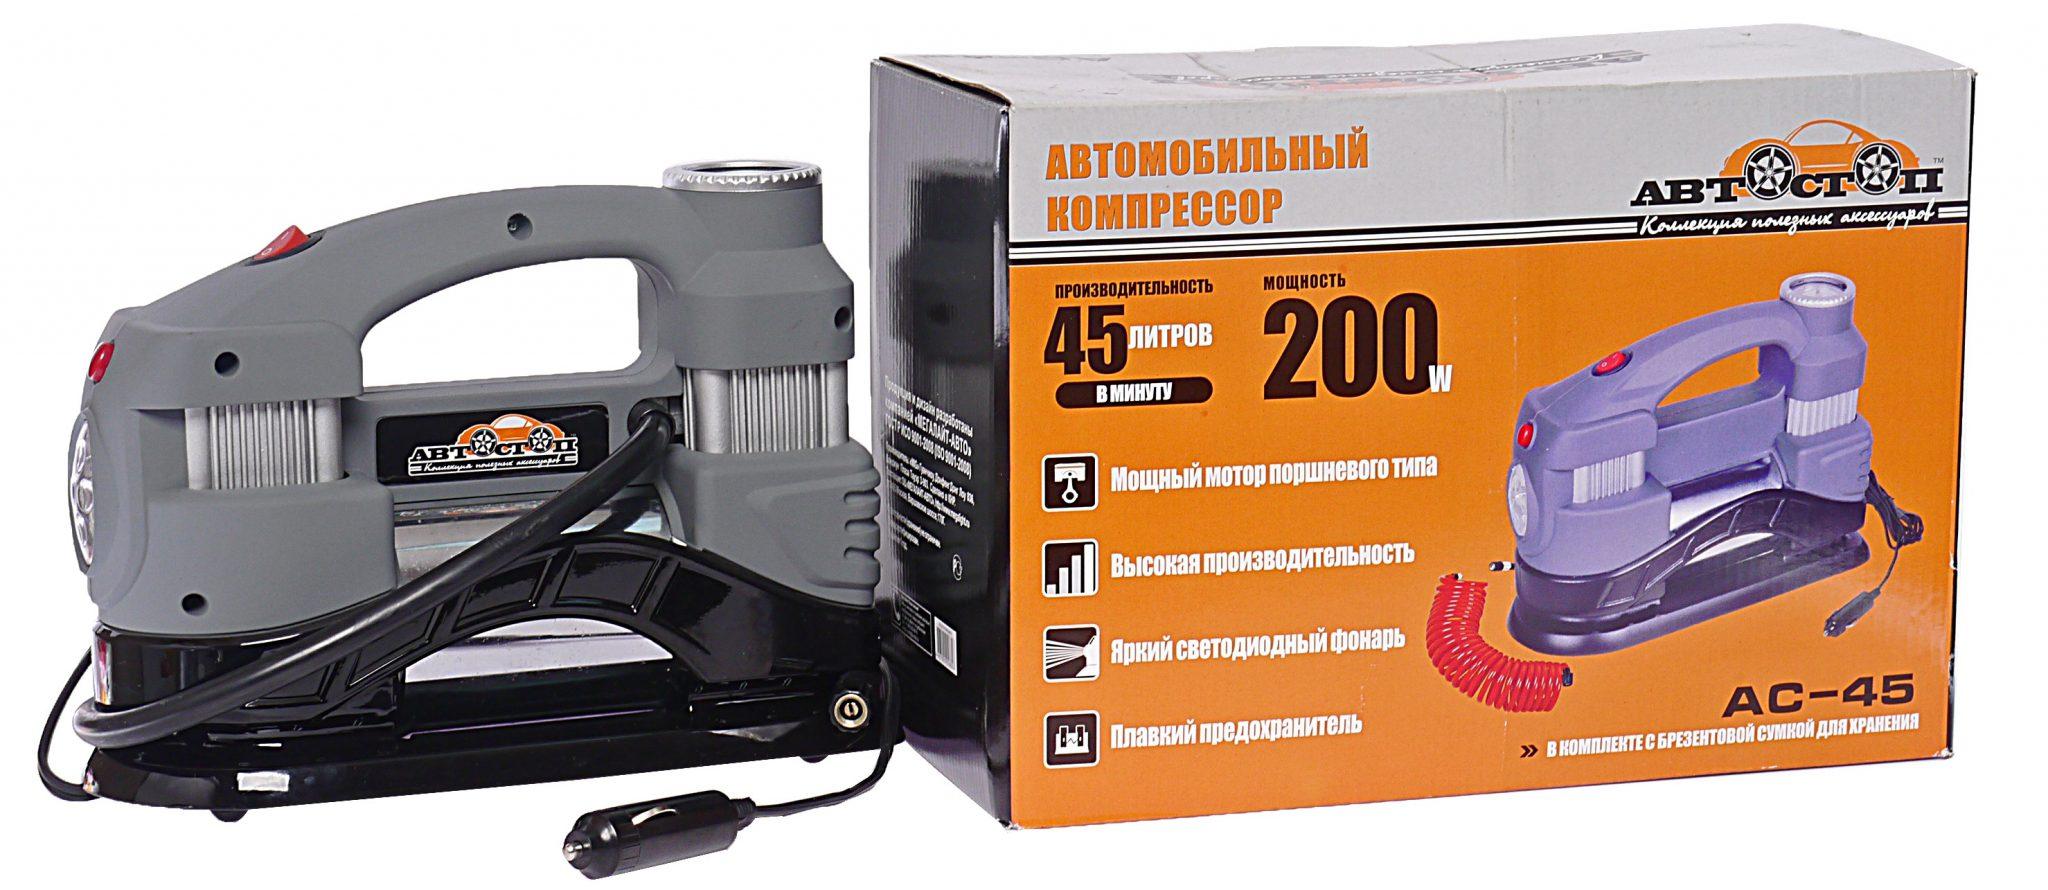 Обзор автомобильных компрессоров «Автостоп»